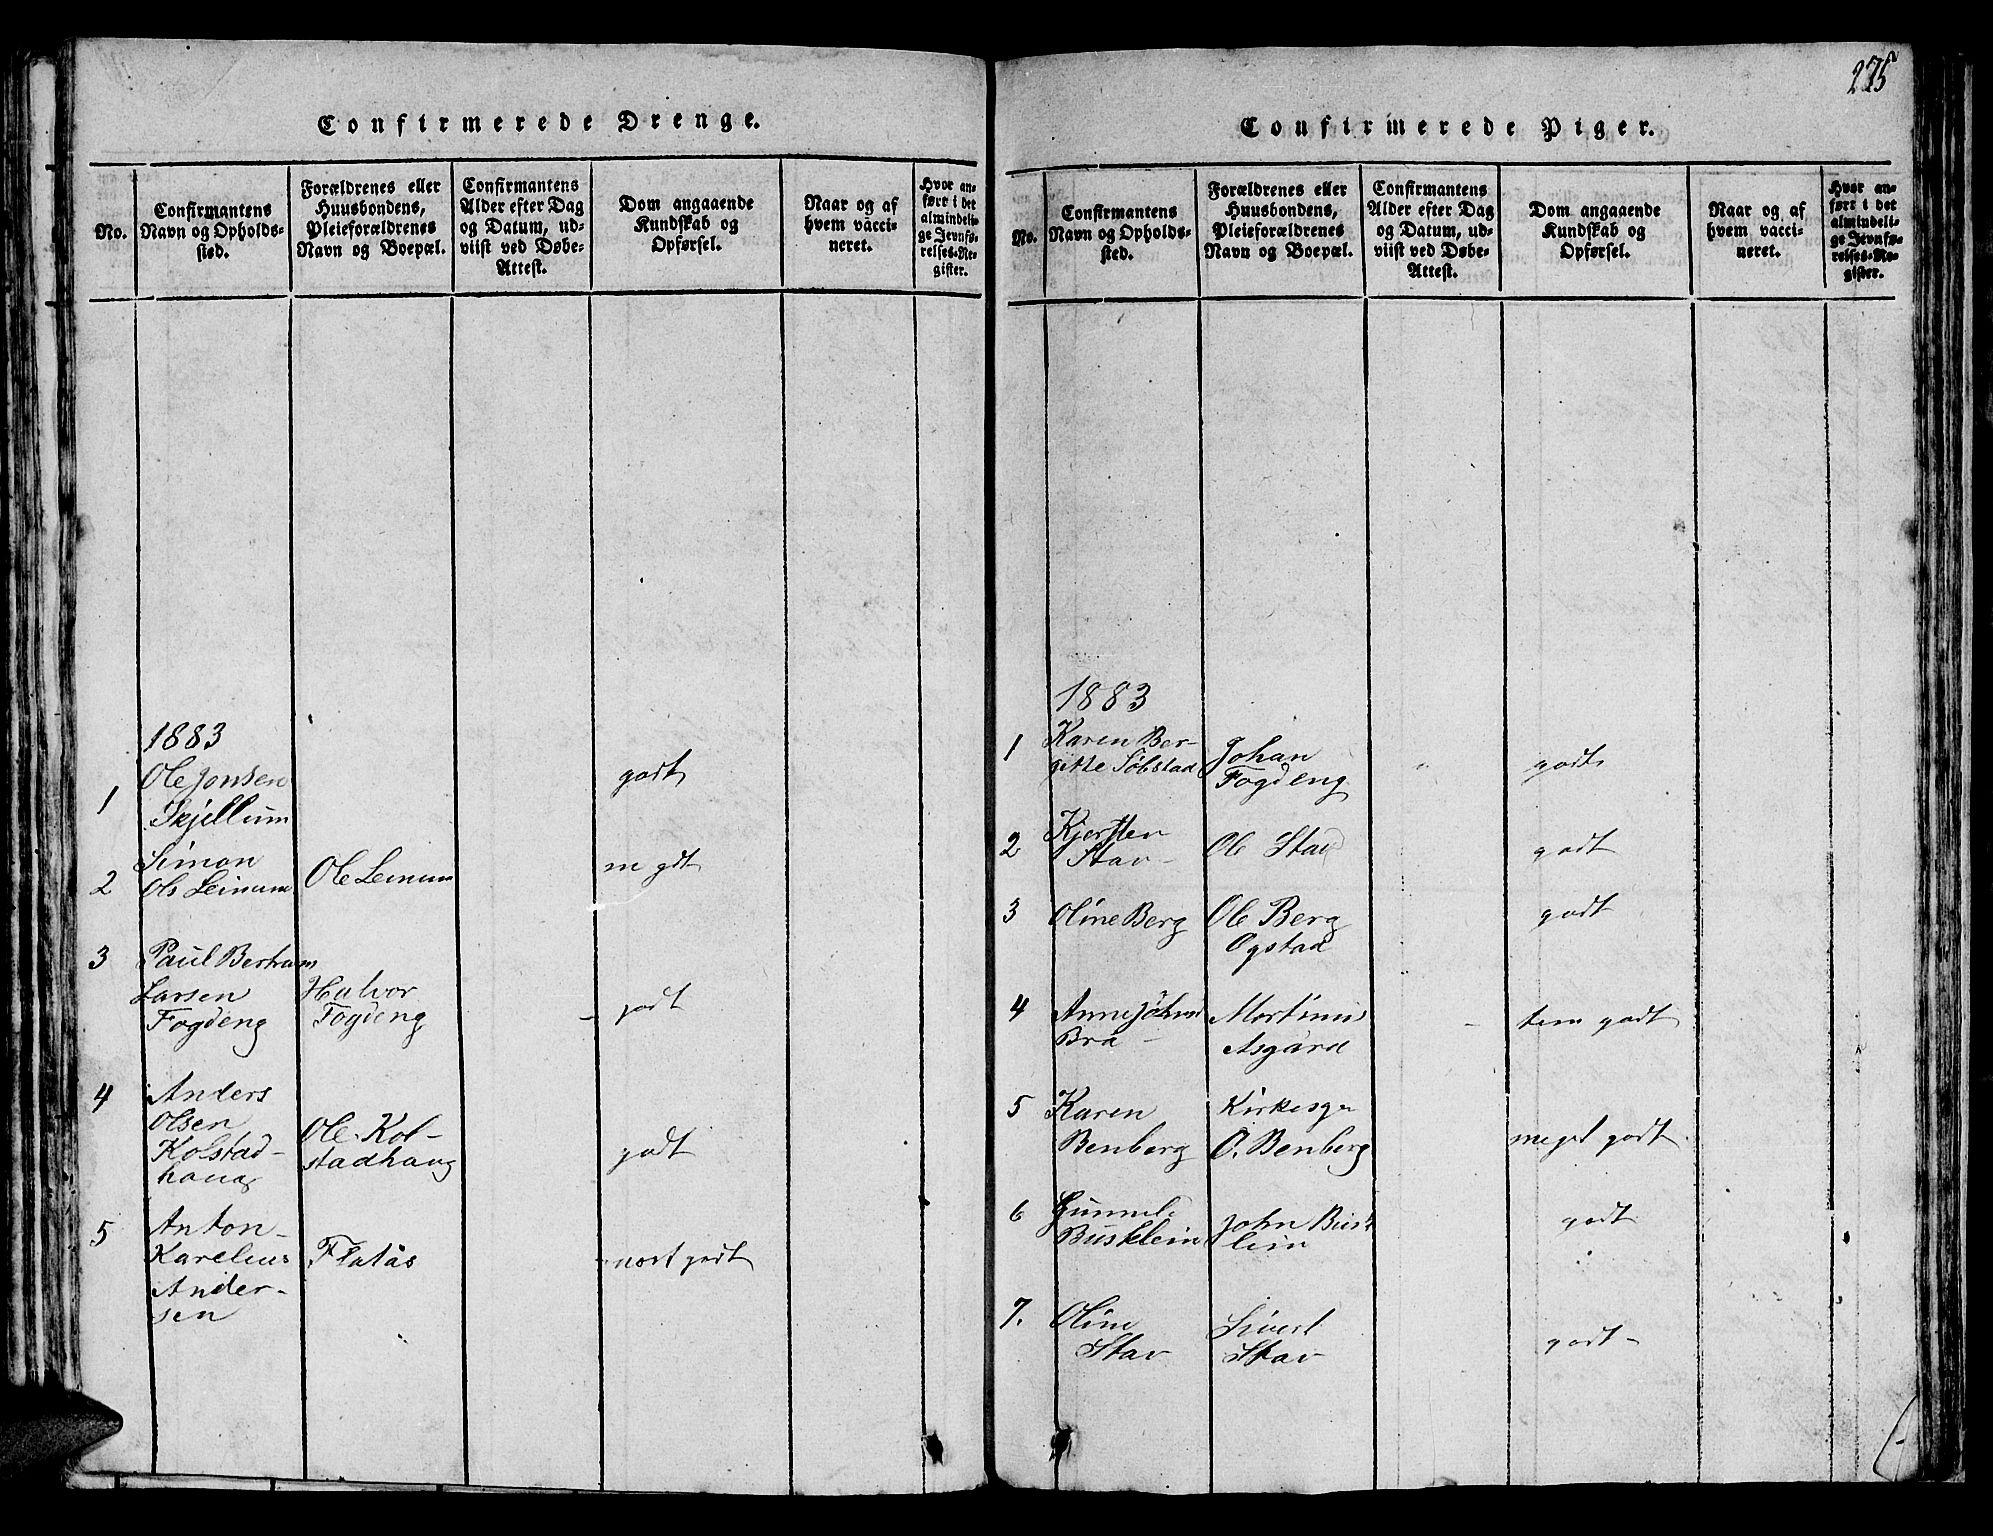 SAT, Ministerialprotokoller, klokkerbøker og fødselsregistre - Sør-Trøndelag, 613/L0393: Klokkerbok nr. 613C01, 1816-1886, s. 275